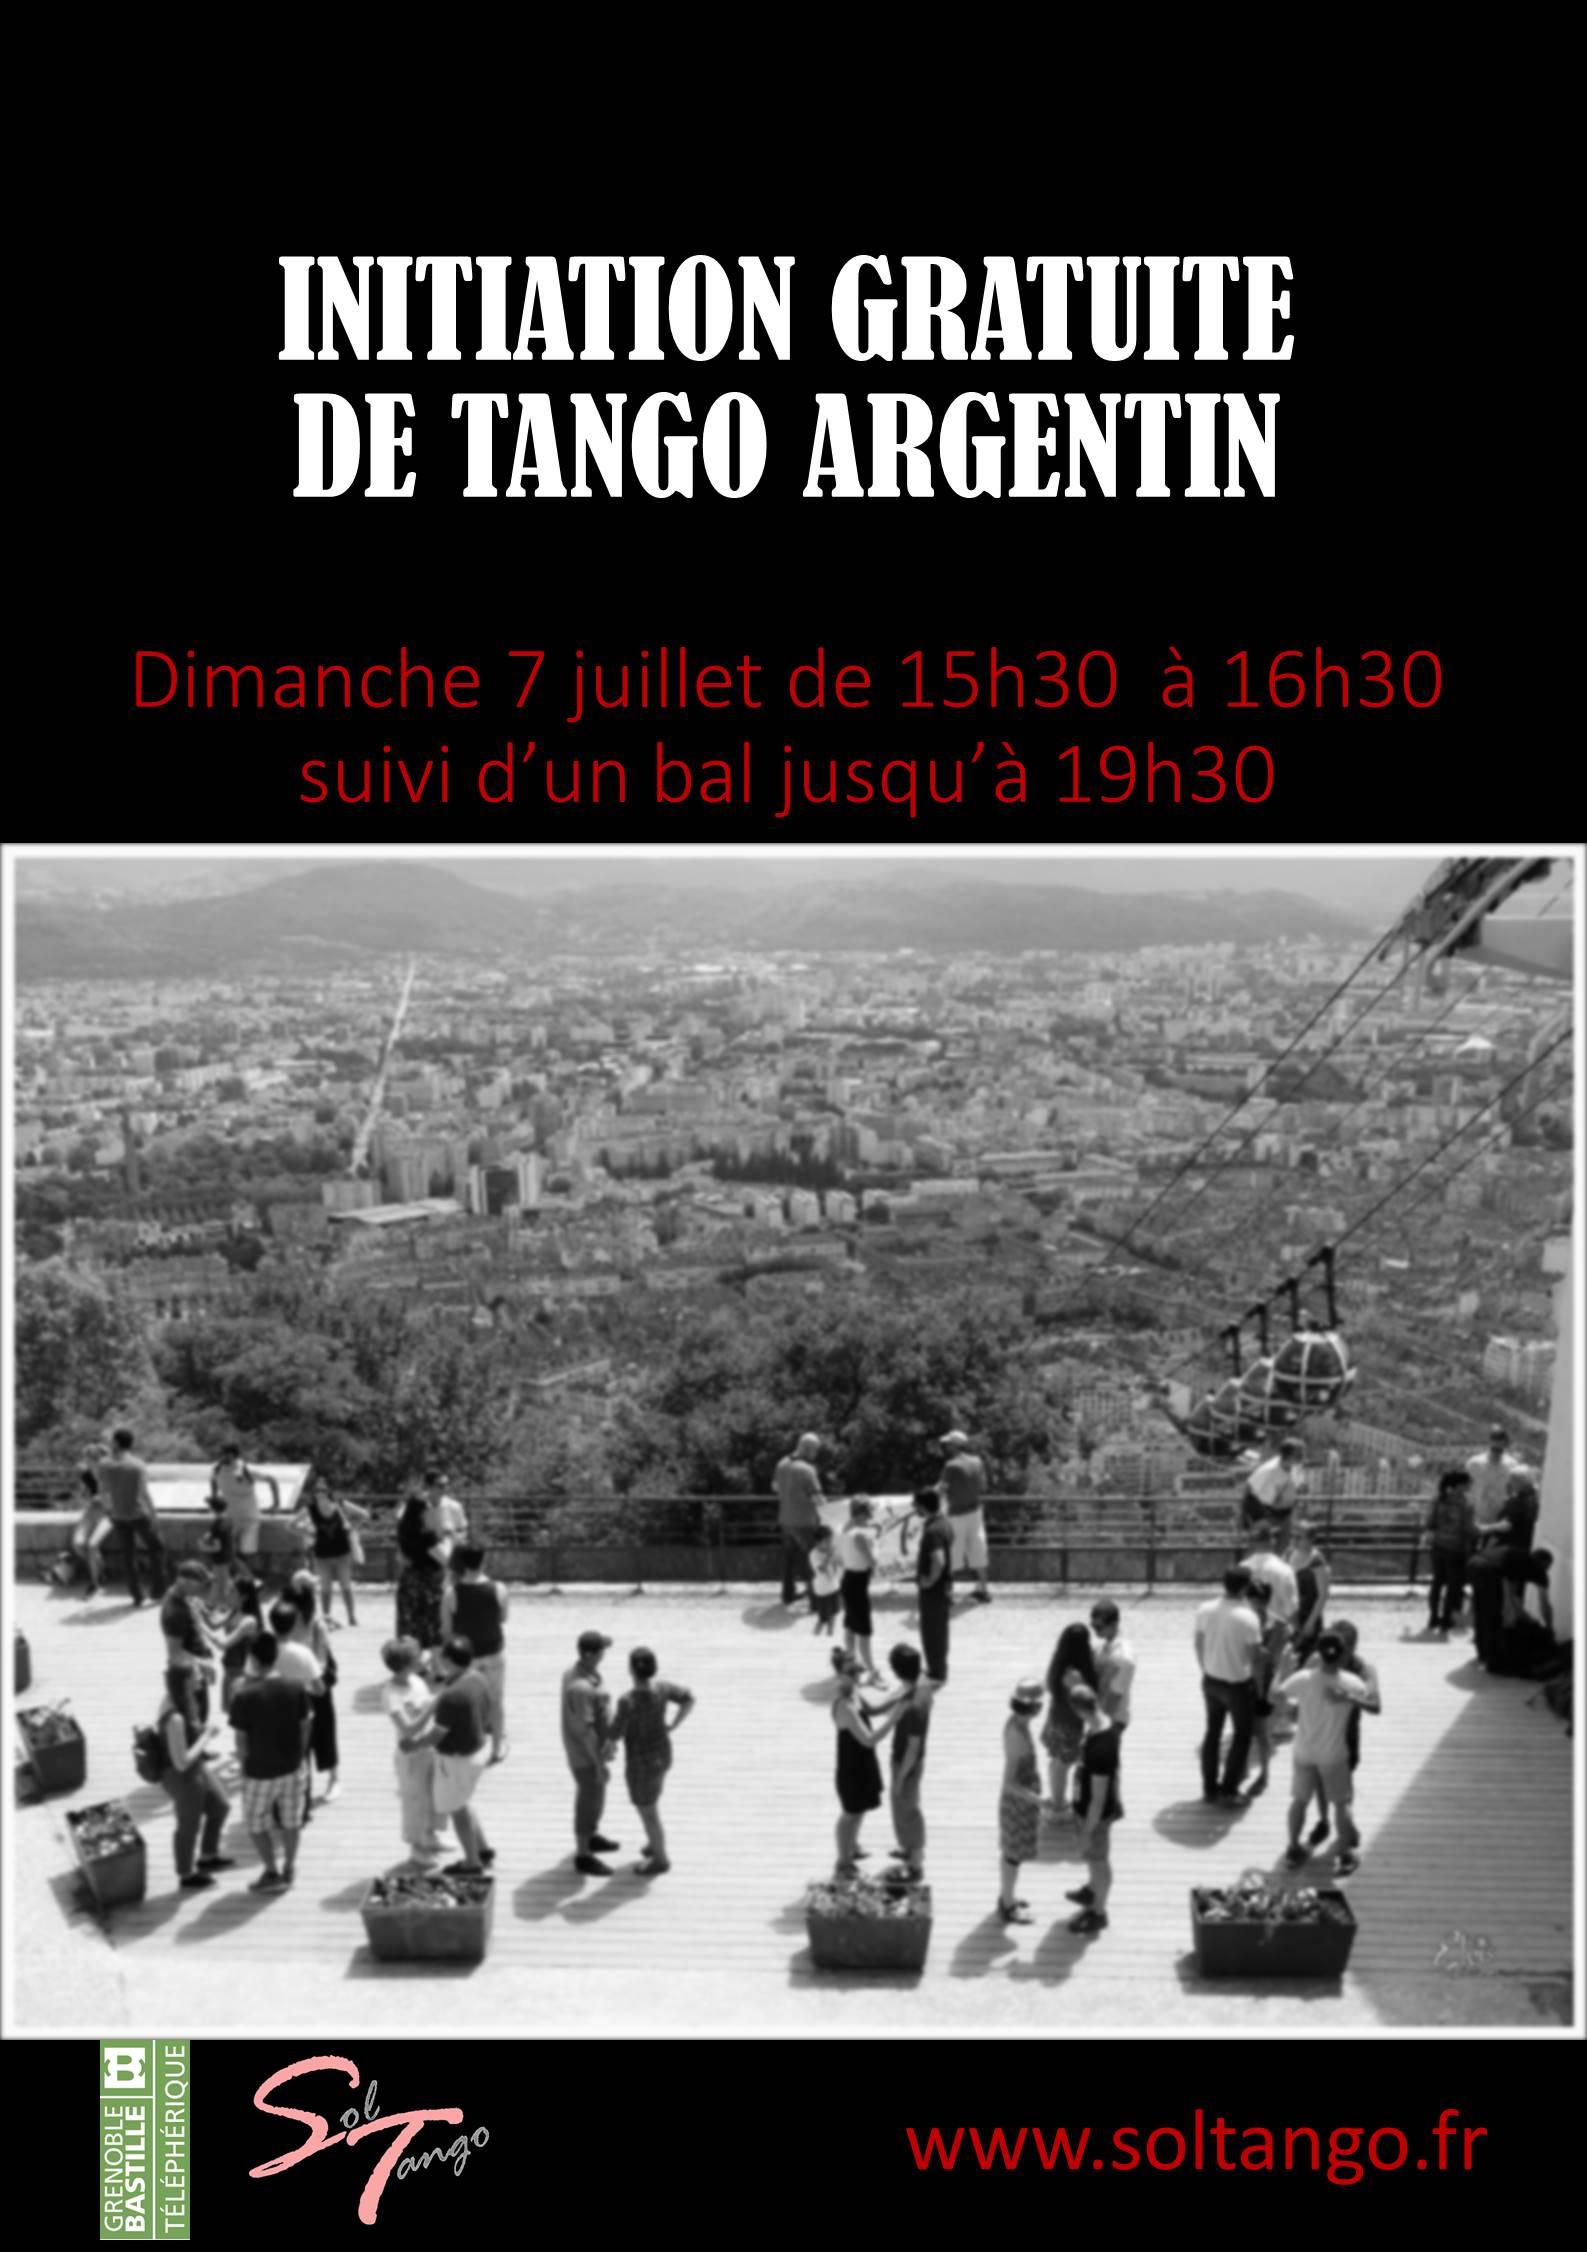 Venez découvrir le tango argentin